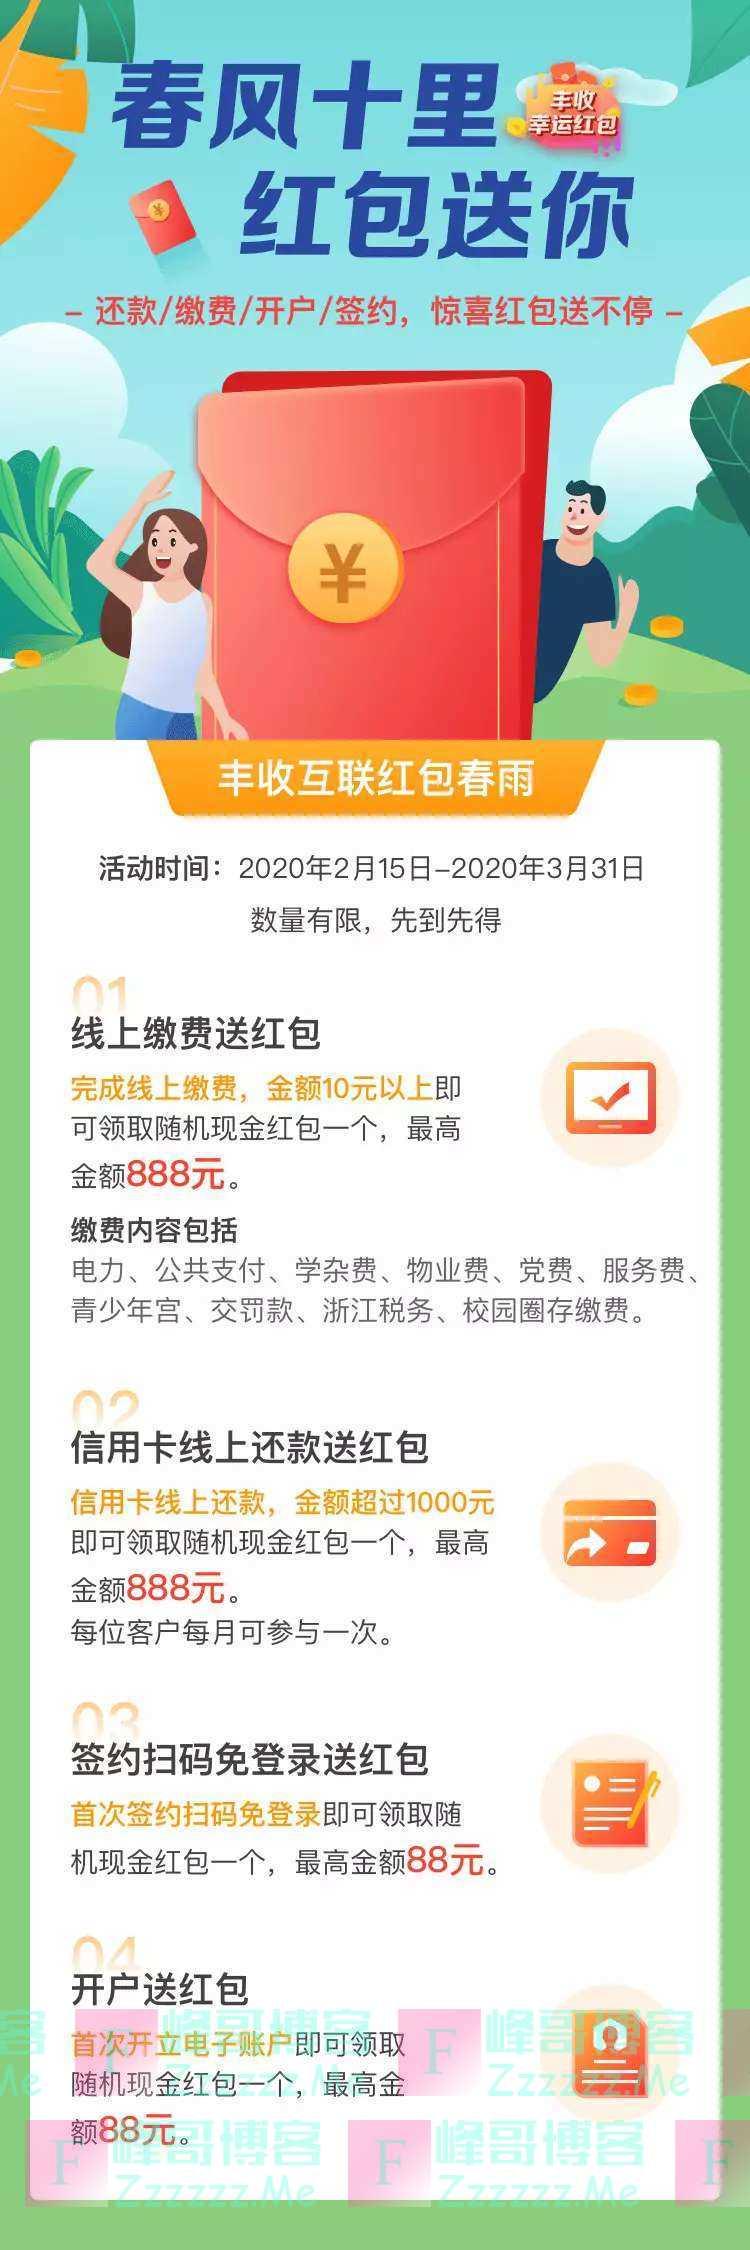 瑞丰银行春风十里,红包送你(截止3月31日)